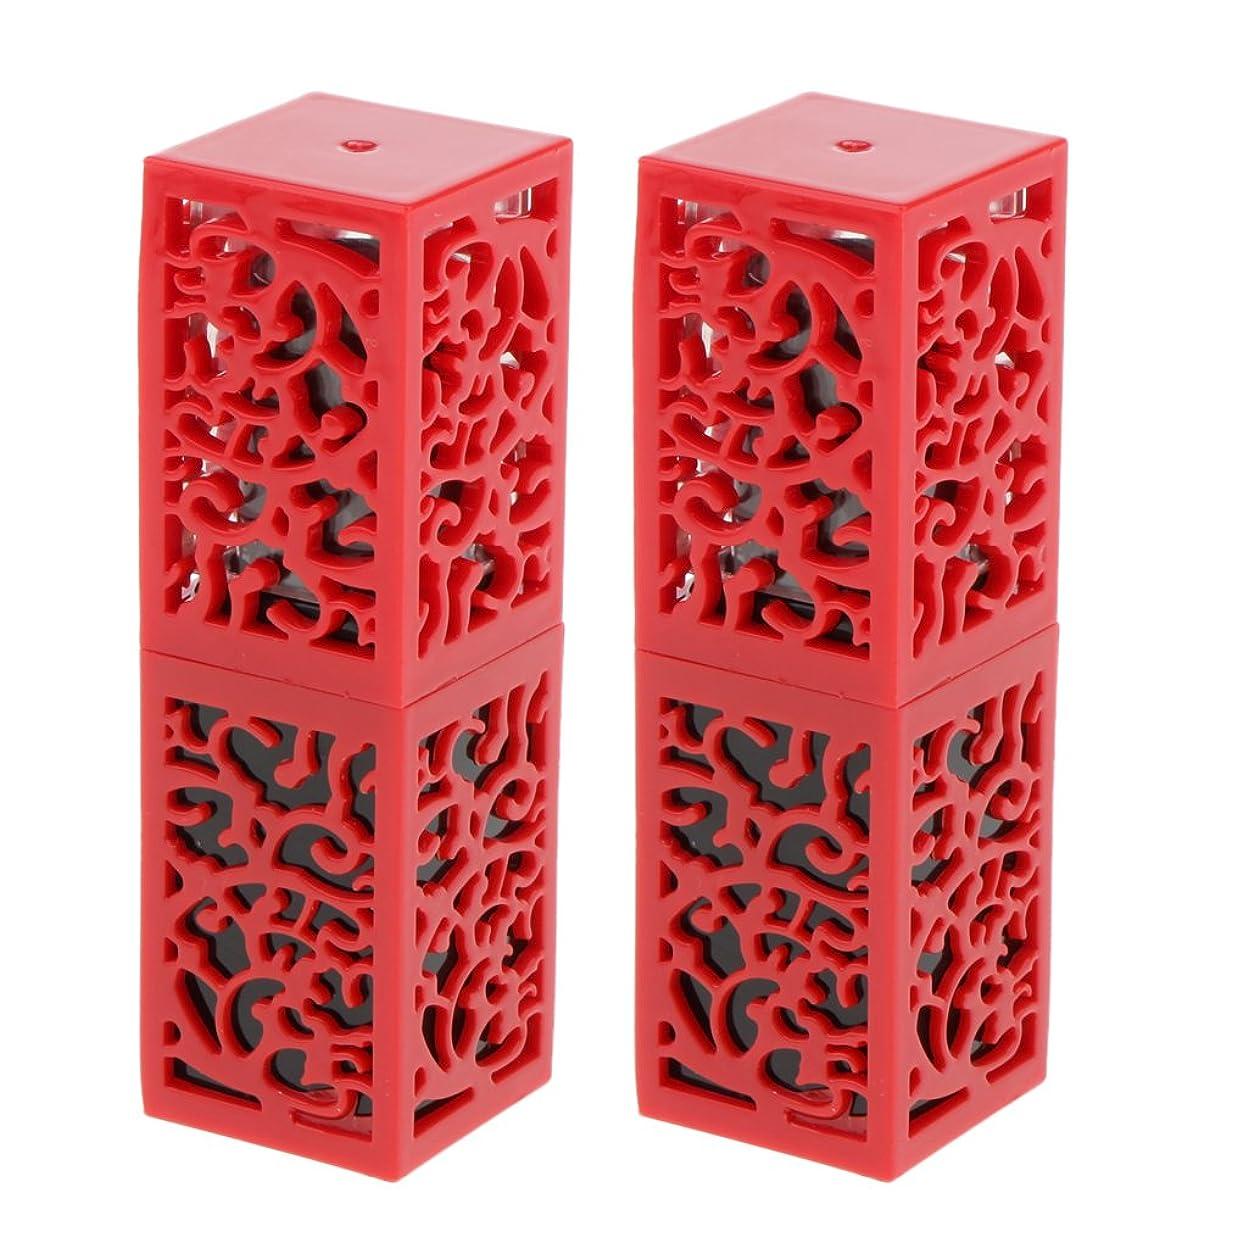 悪行くつろぎPerfk 2個入 口紅チューブ リップスティックチューブ 内径1.21cm 金型 コスメ 化粧品 DIY 全2色 - 赤